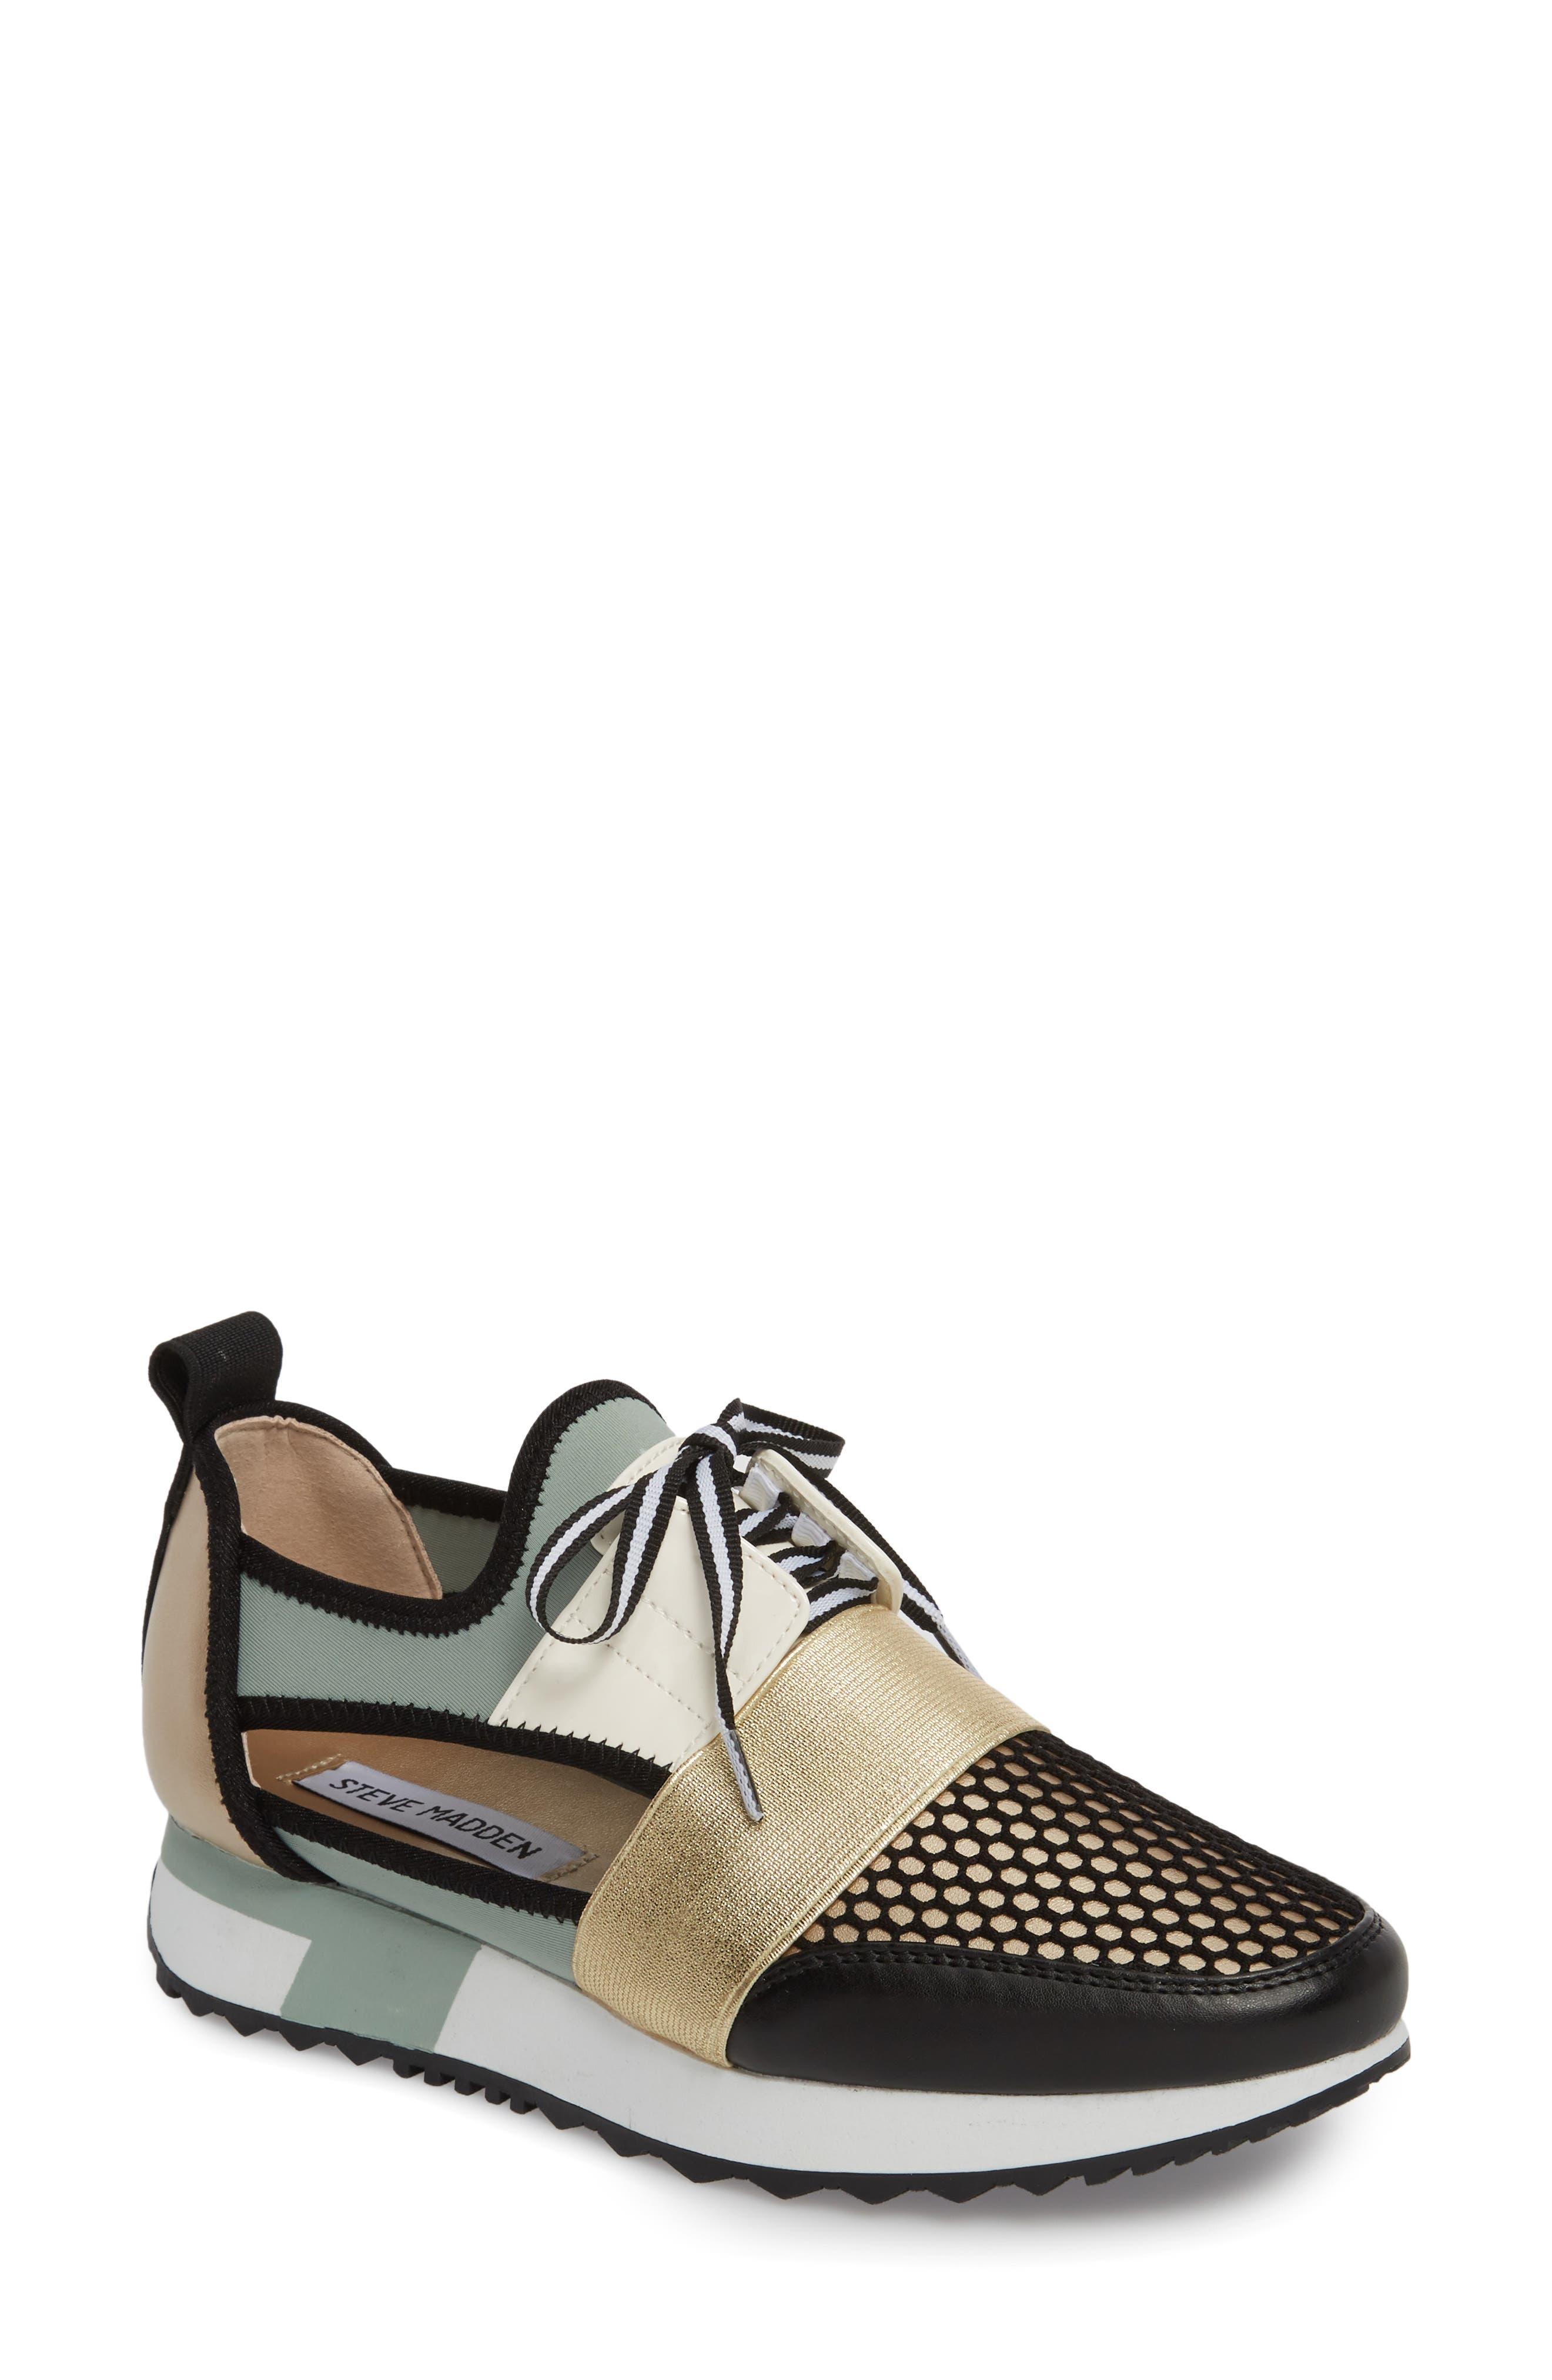 Alternate Image 1 Selected - Steve Madden Arctic Sneaker (Women)